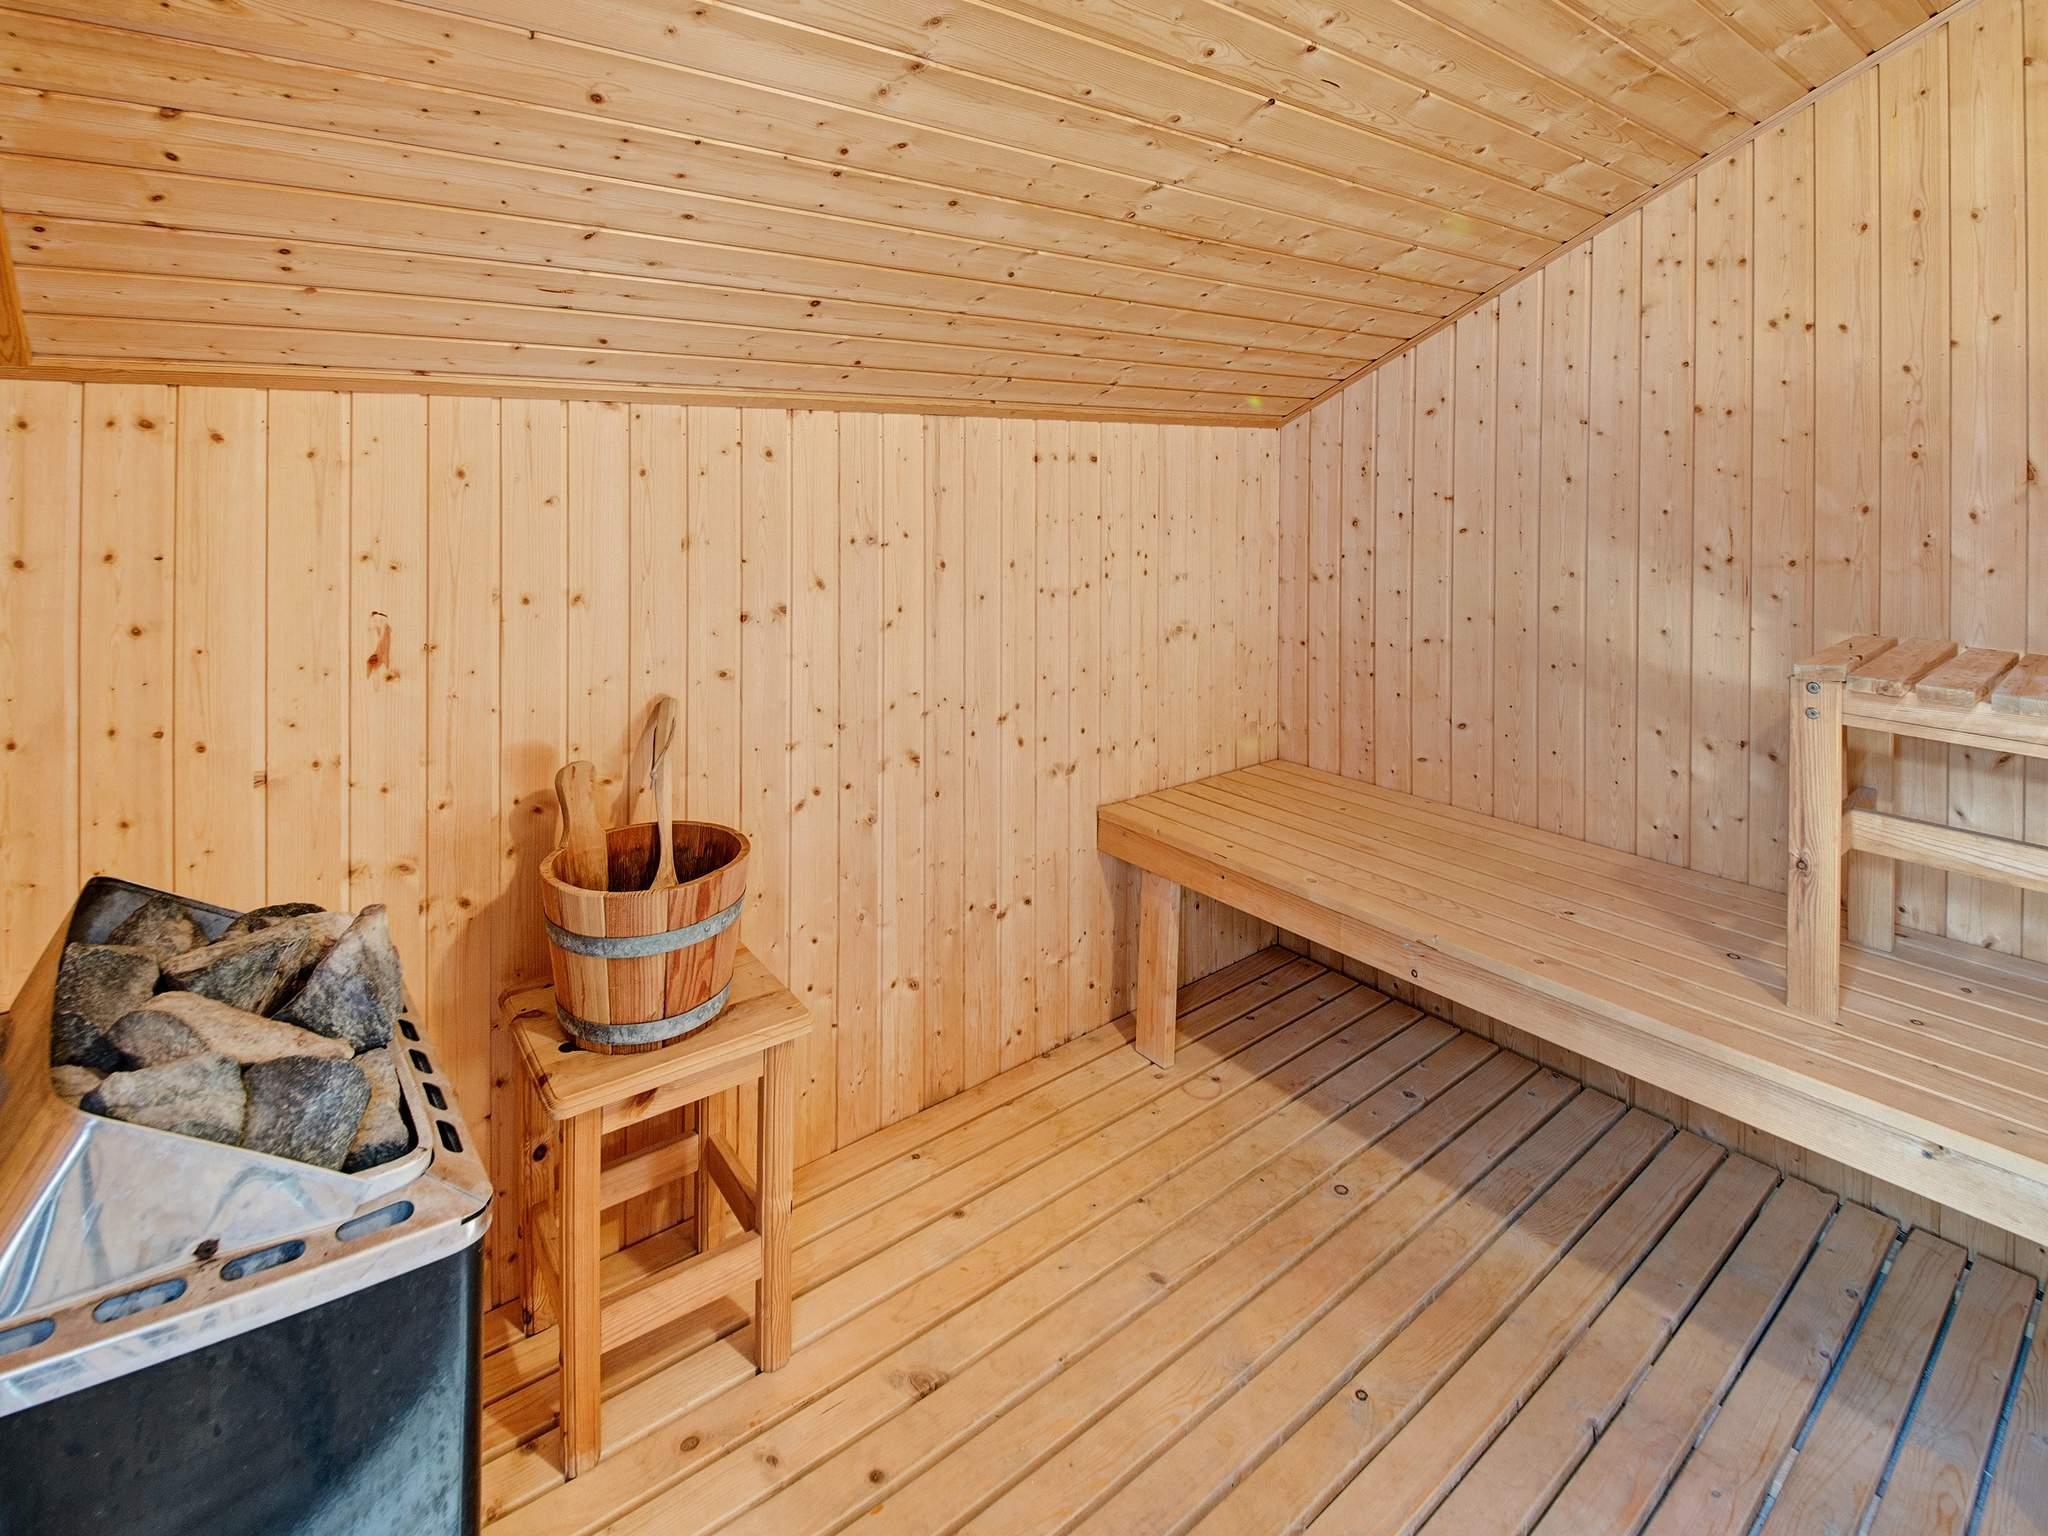 Ferienhaus Snogebæk (82567), Snogebæk, , Bornholm, Dänemark, Bild 19